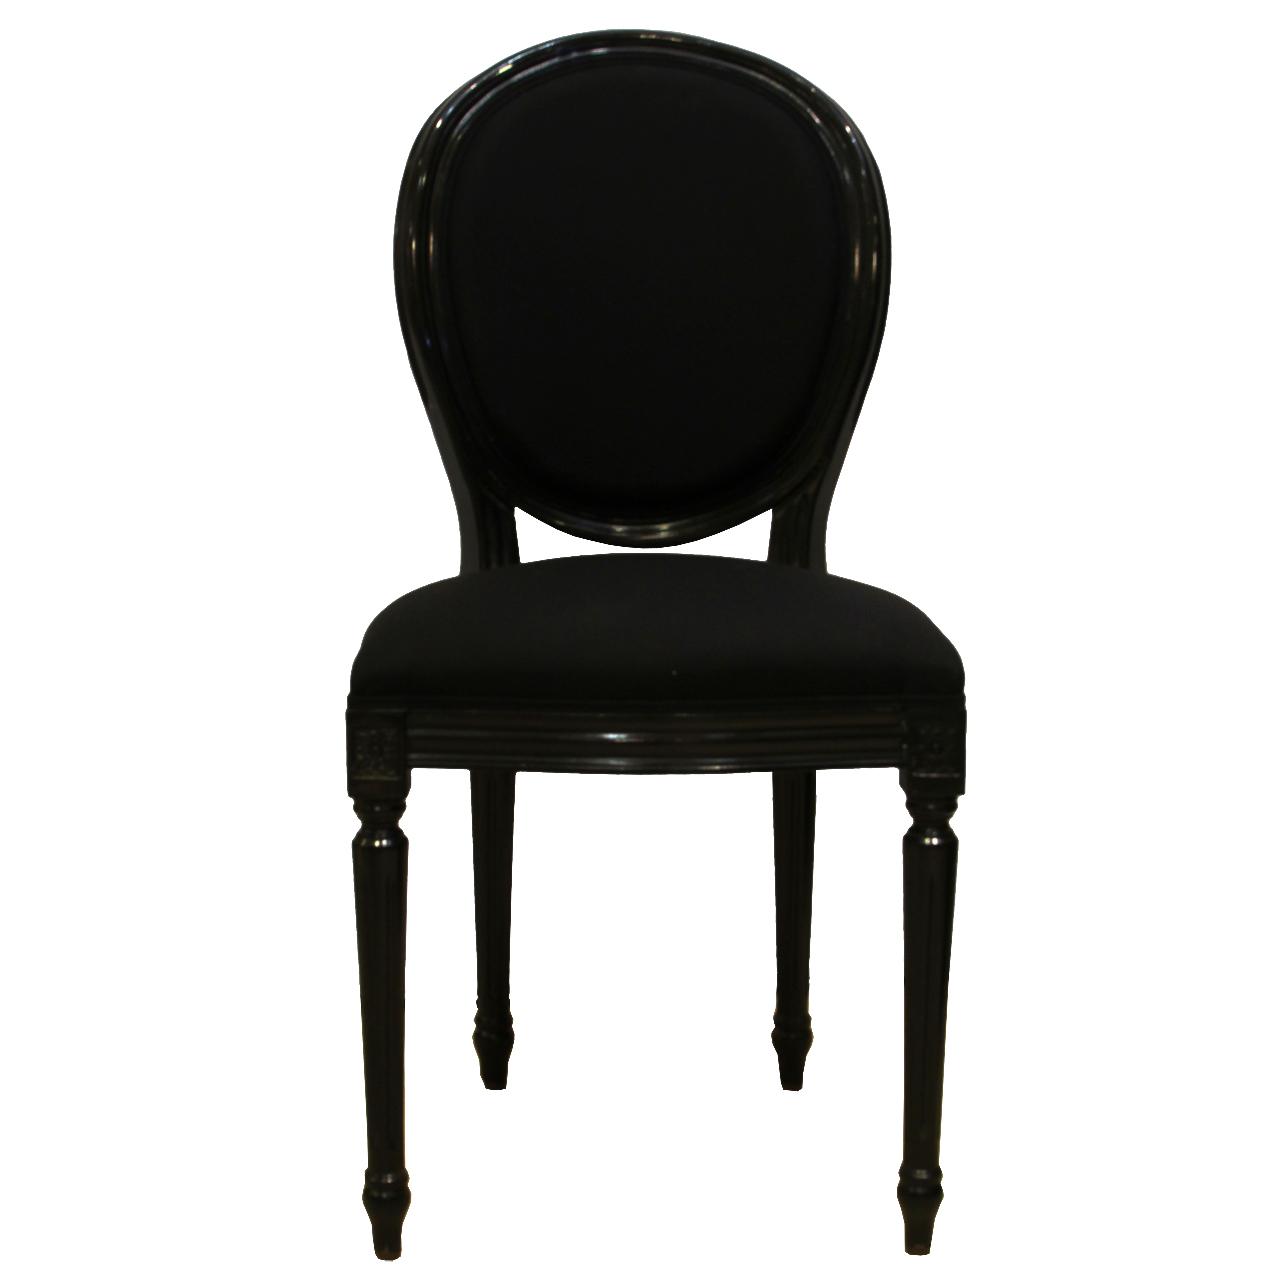 Scaun Louis din lemn negru cu tapiterie la alegere 40x45x96 cm chicville 2021